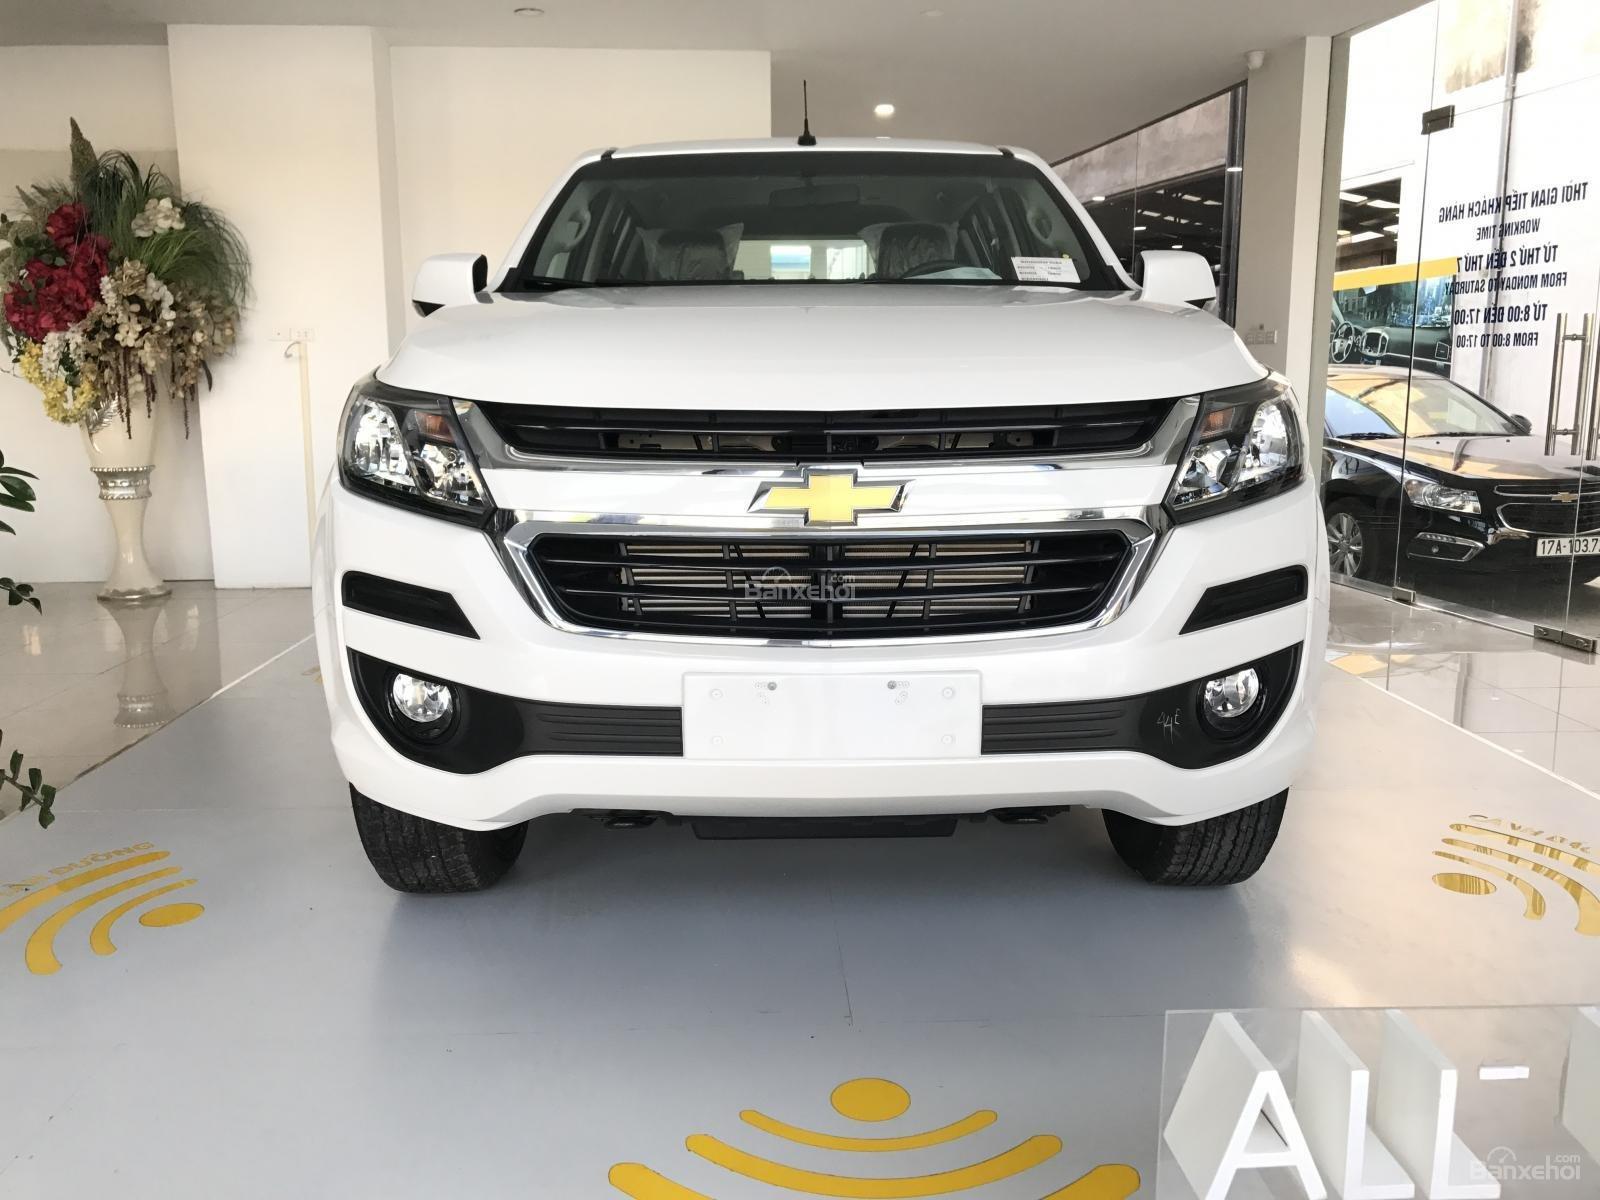 Cần bán Chevrolet Trailblazer 2.5L 4x2 MT LT, màu trắng, nhập khẩu, ưu đãi 30 triệu T12/2018-1